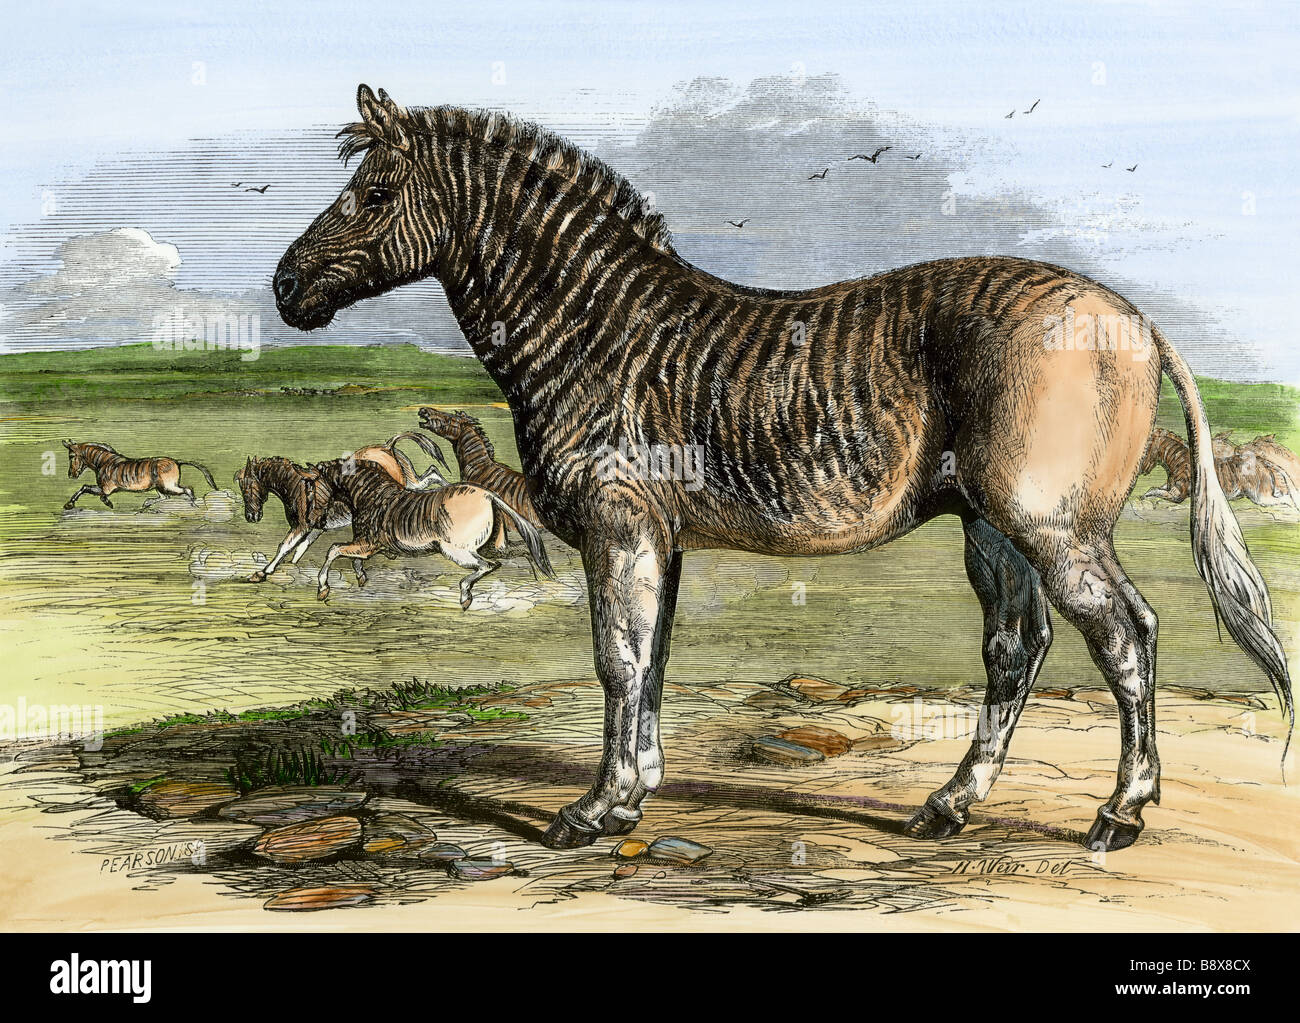 L'Afrique du Sud, Quagga maintenant disparues, au Zoo de Londres, 1850. À la main, gravure sur bois Photo Stock